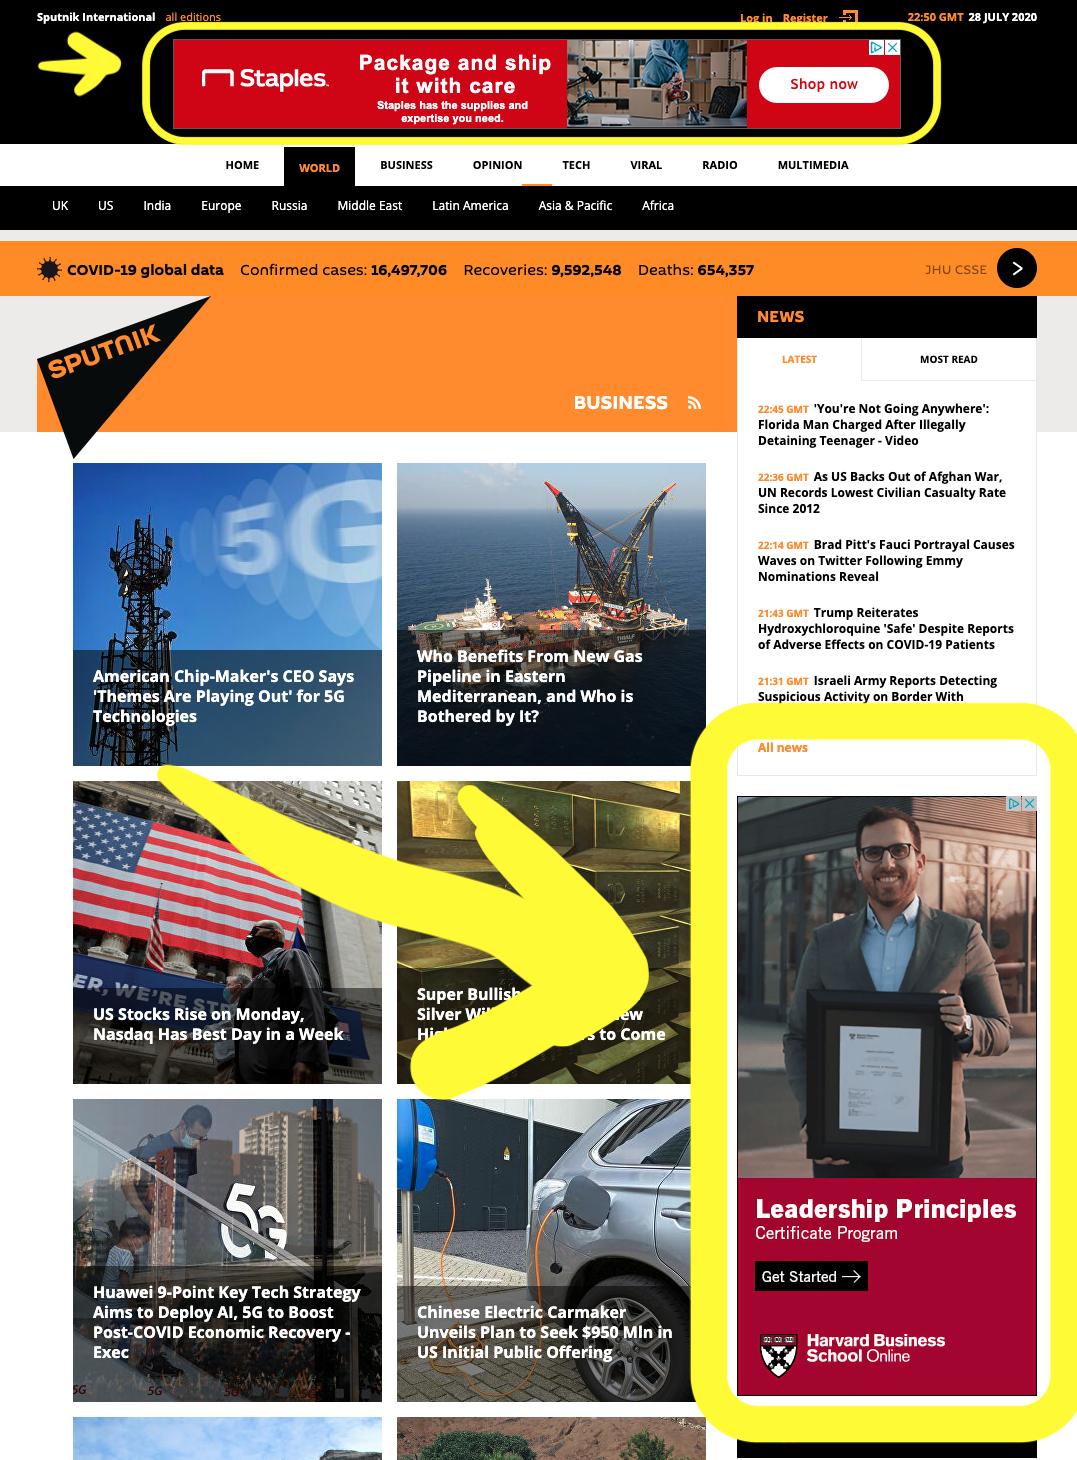 hbs-ads-on-sputniknews-1.png